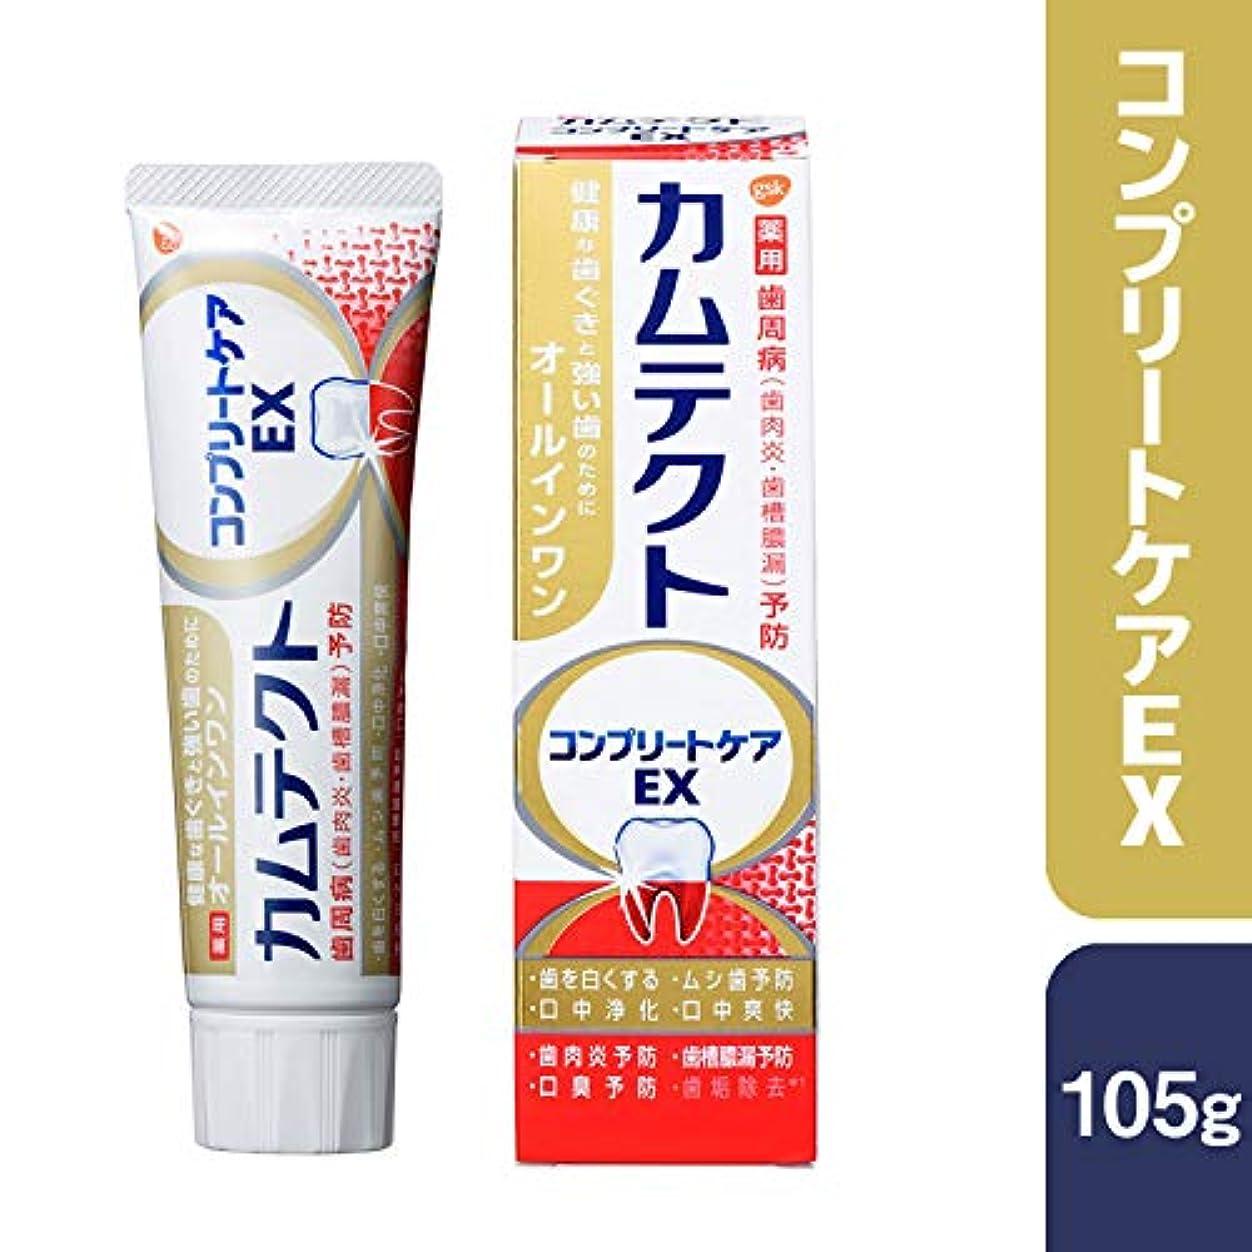 フライト復活切るカムテクト コンプリートケアEX 歯周病(歯肉炎?歯槽膿漏) 予防 歯磨き粉 105g